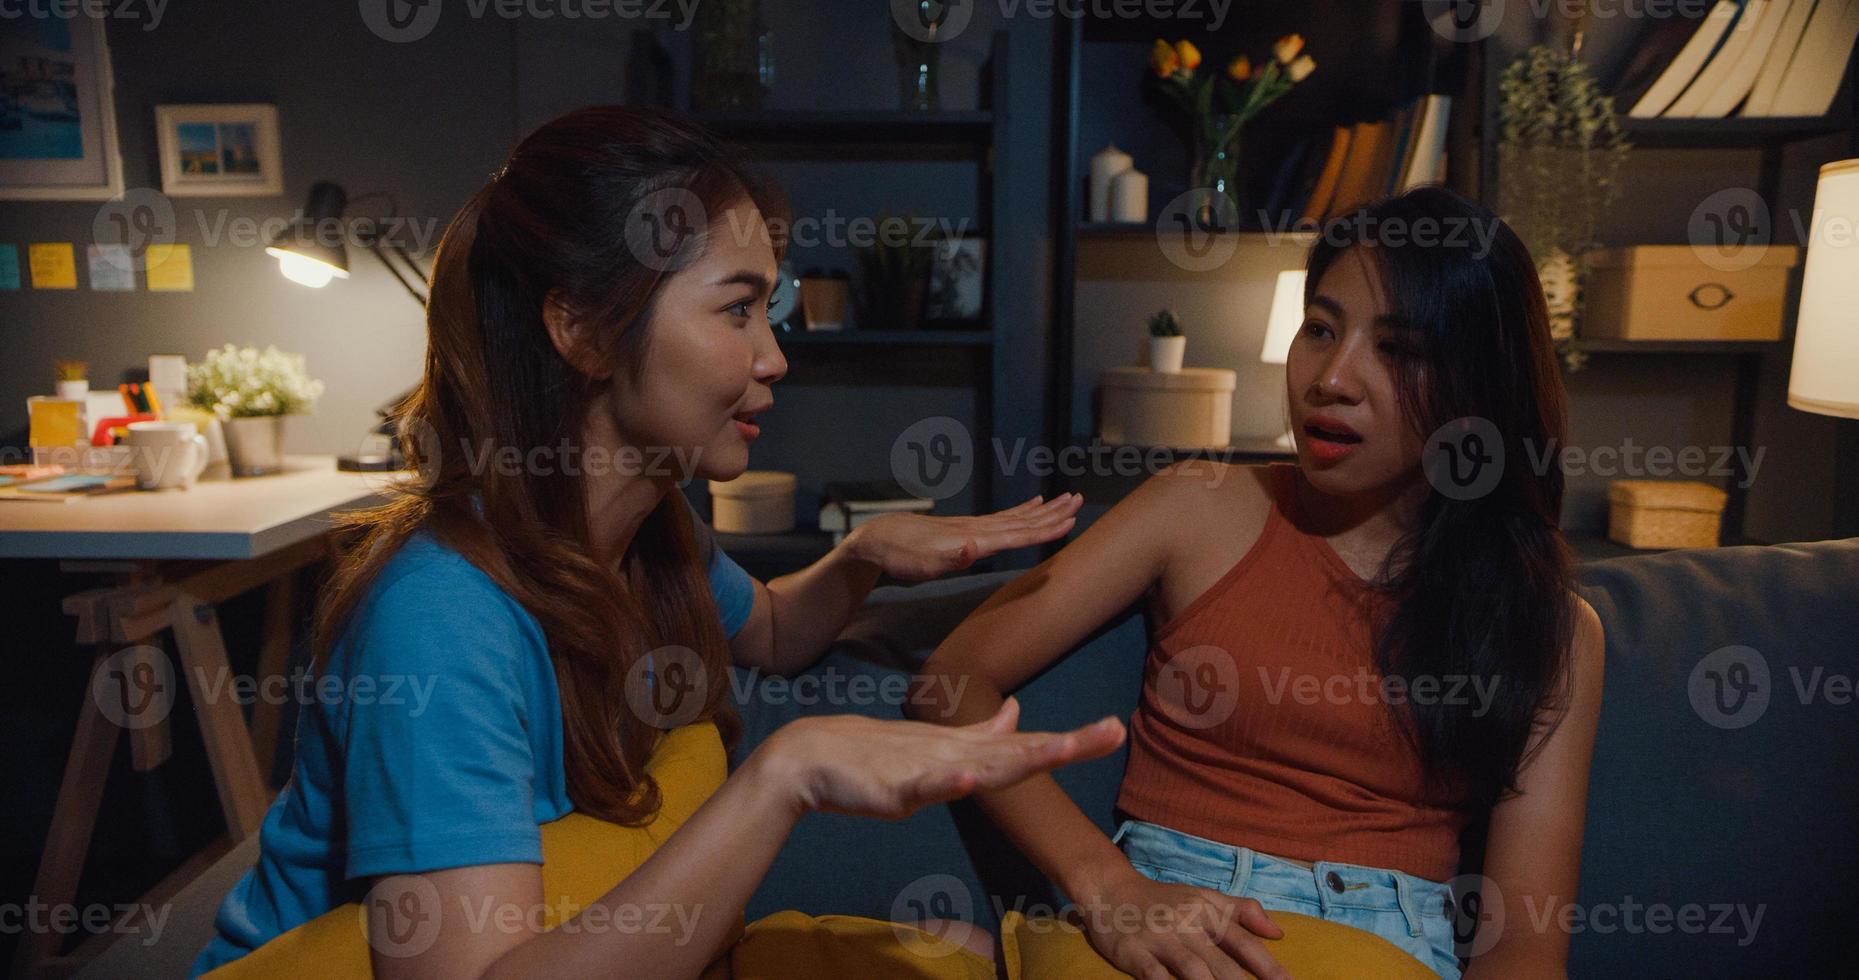 glückliche attraktive asiatische frauen mit lässigem entspannen auf couch-chat sprechen zusammen über ihr leben und ihre beziehungsklatsch im wohnzimmer in der hausnacht. Mädchen Freunde Mitbewohner bleiben zusammen im Wohnheim. foto